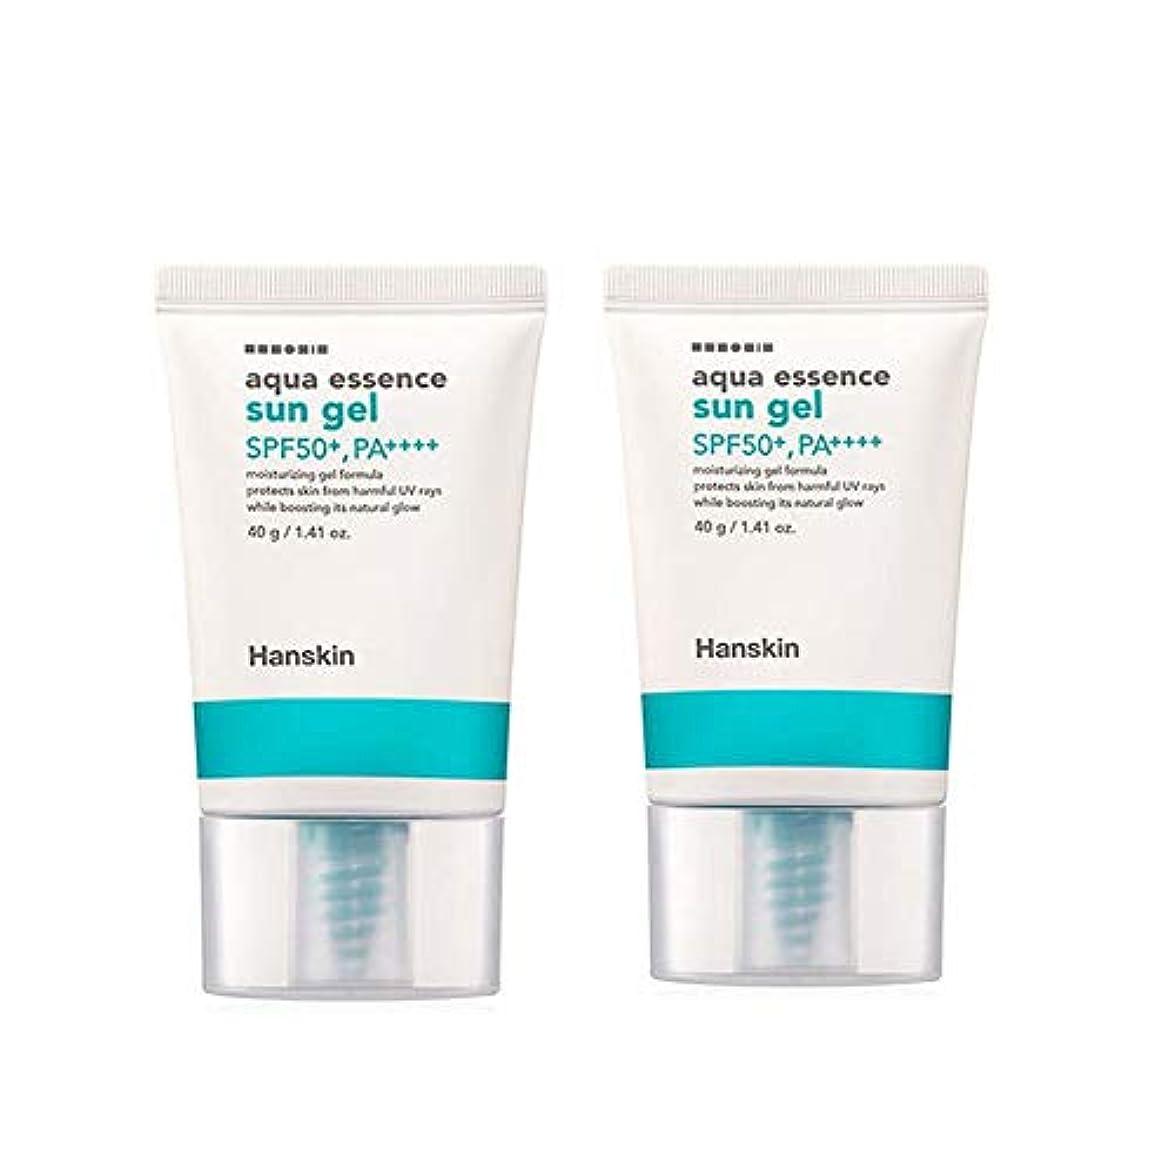 ドラゴンチキンソケットハンスキンアクアエッセンスサンゼル40gx2本セットサンクリーム韓国コスメ、Hanskin Aqua Essence Sun Gel 40g x 2ea Set Sun Cream Korean Cosmetics [並行輸入品]